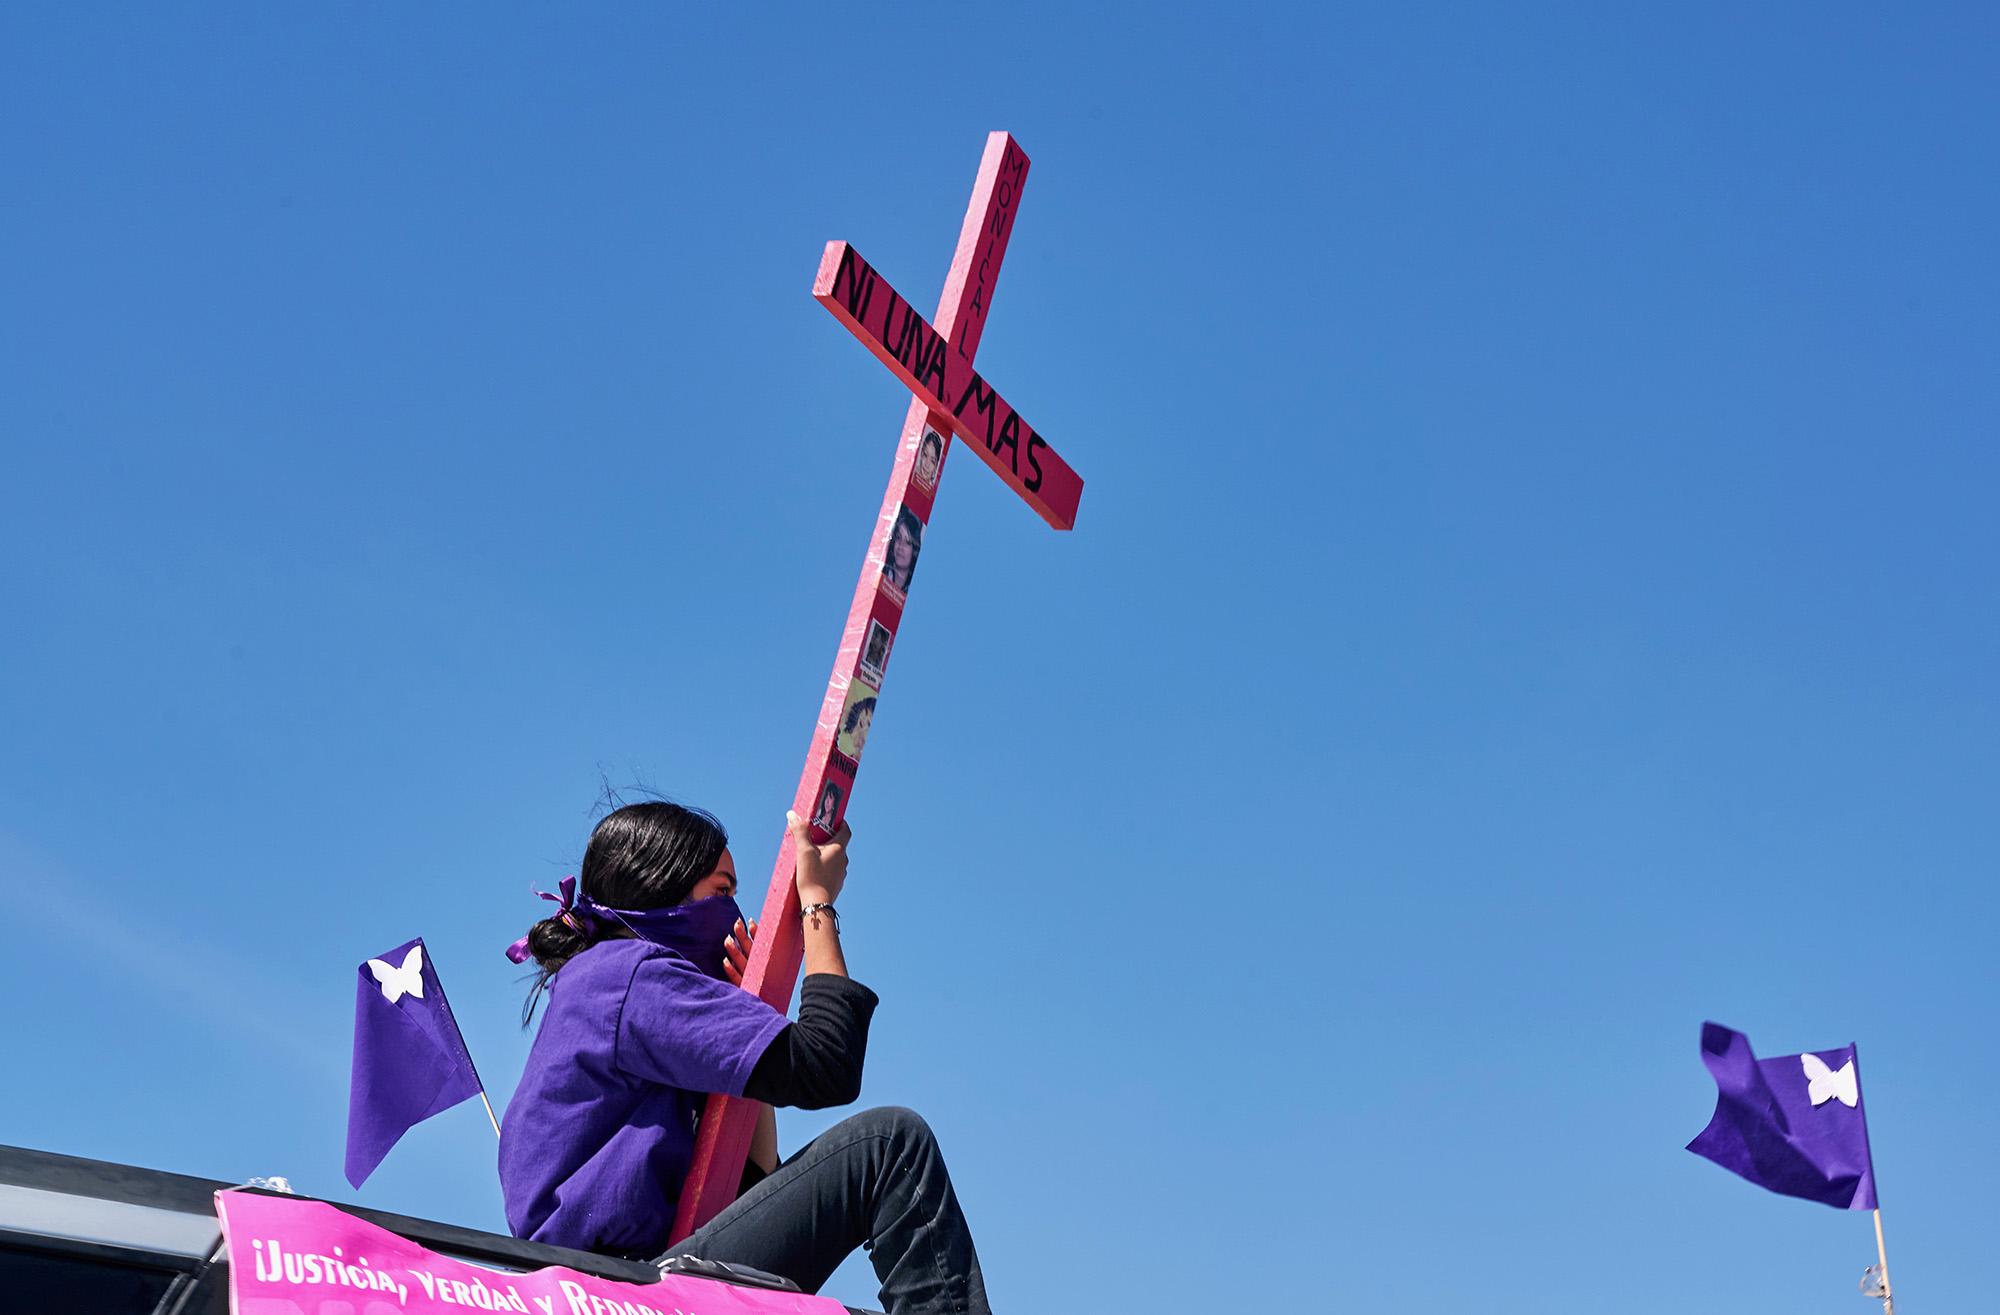 Участница протеста вгороде Сьюдад-Хуарес, Мексика. Встране 8 марта прошла массовая акция против насилия вотношении женщин.